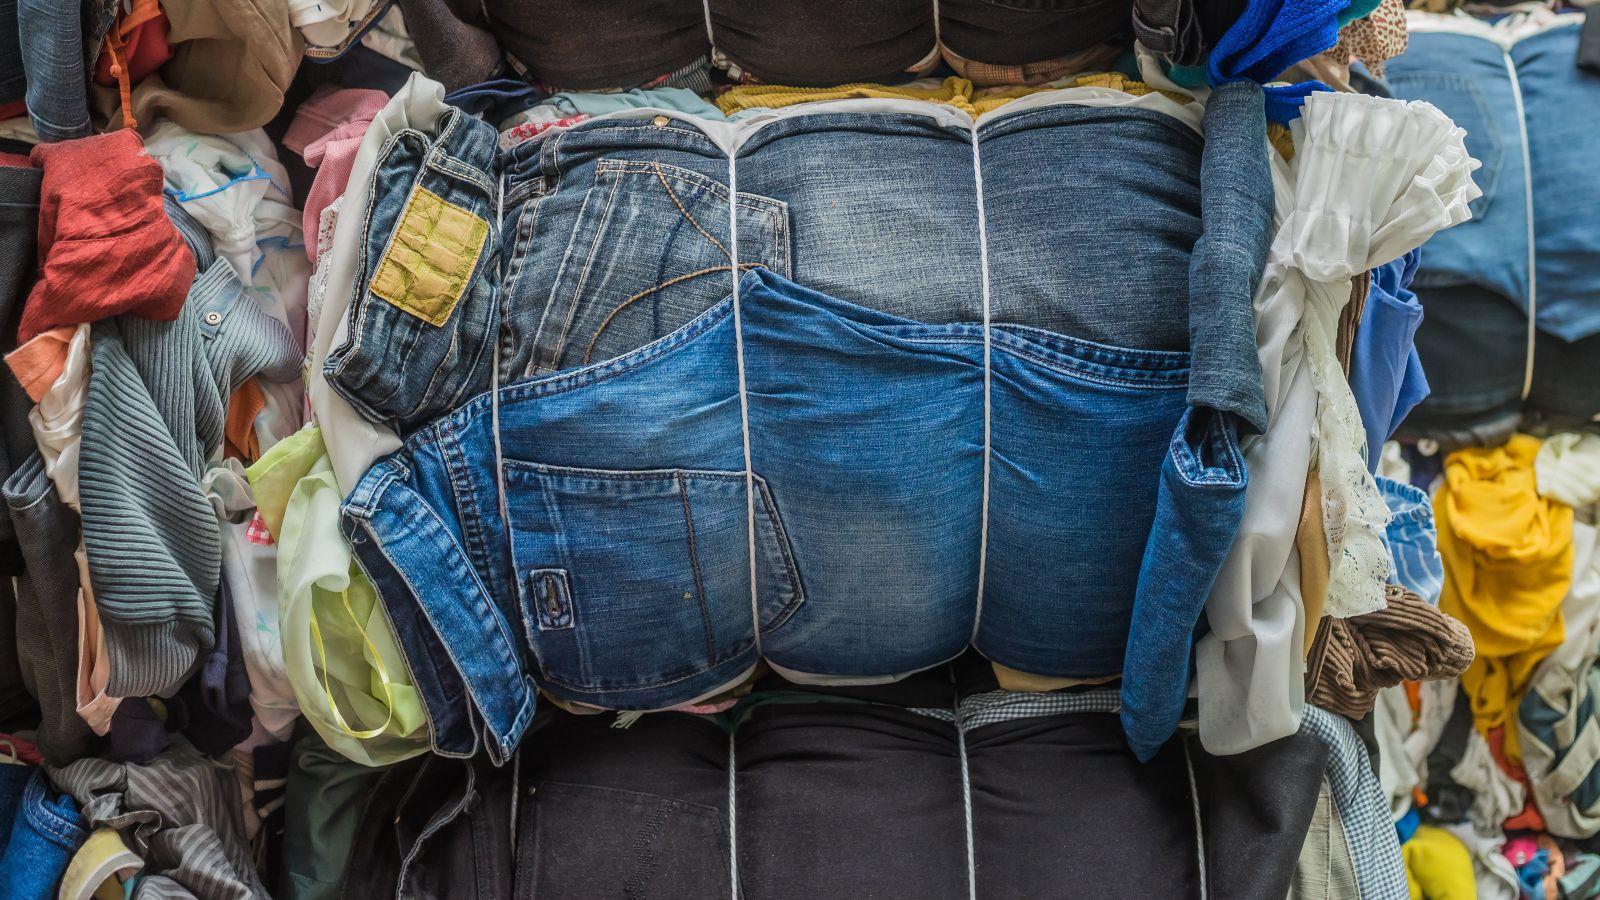 Alttextilien sind zusammengebunden zu Bündeln. Im Vordergrund stehen Jeans.